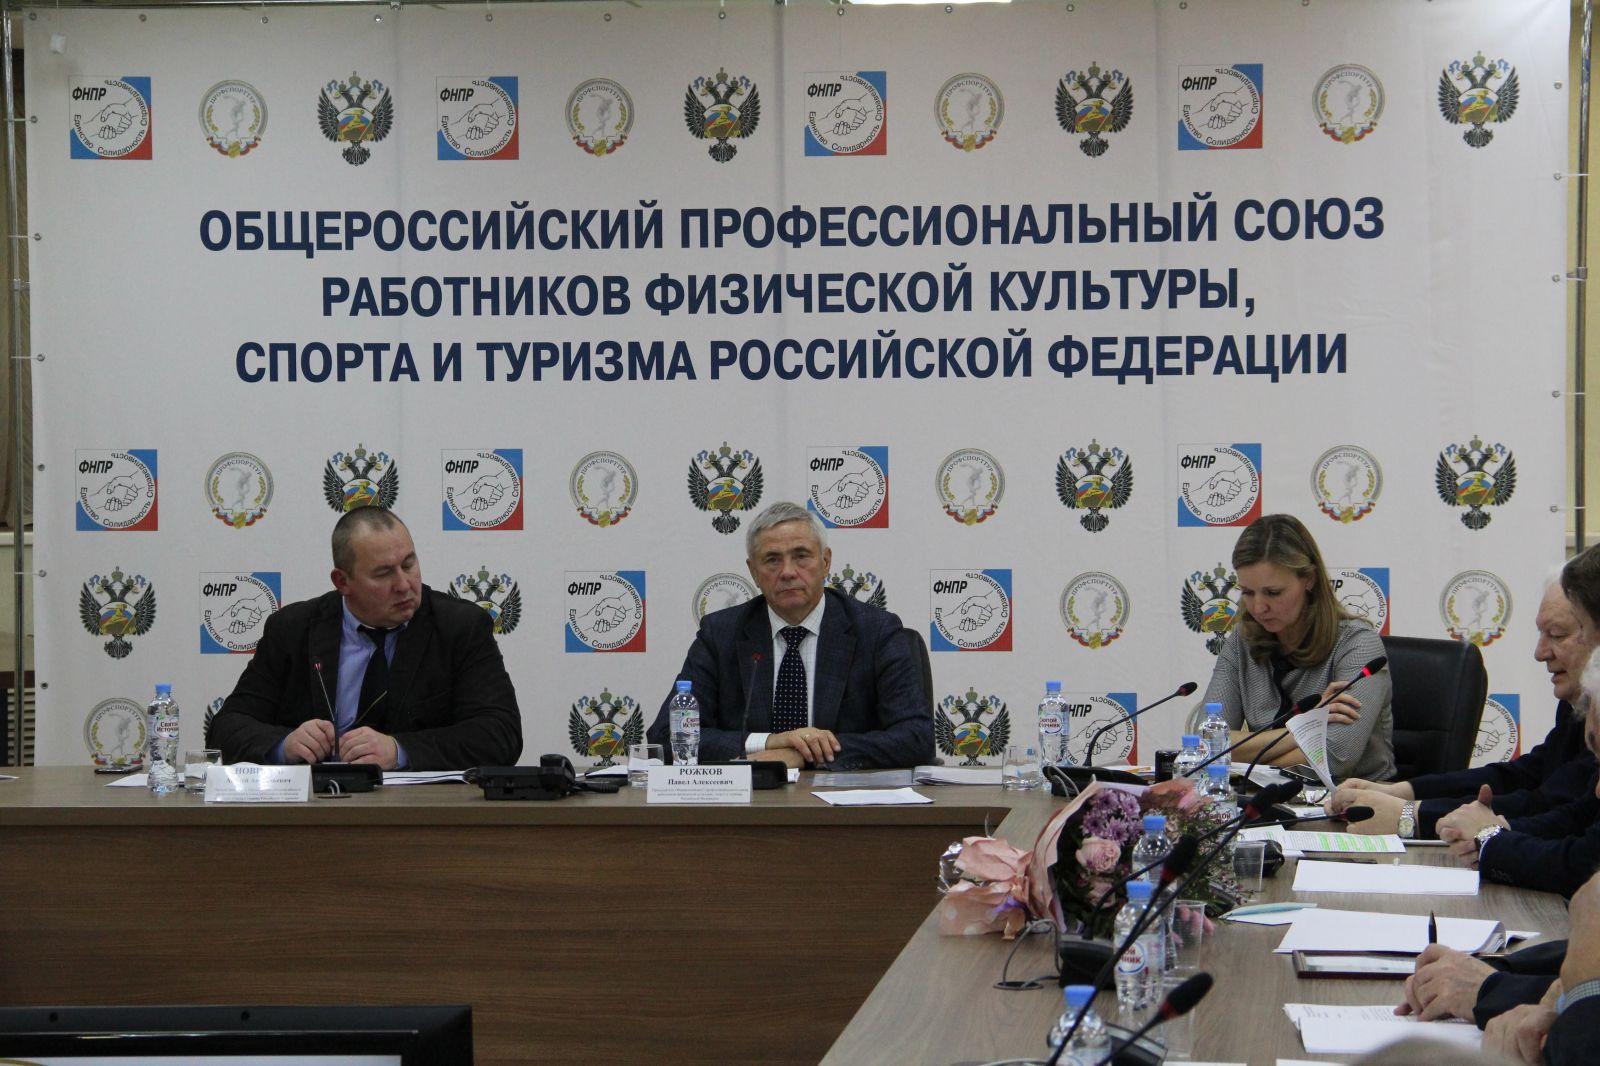 П.А. Рожков в офисе ПКР принял участие в итоговом в 2018 году заседании ЦК Профспорттура РФ